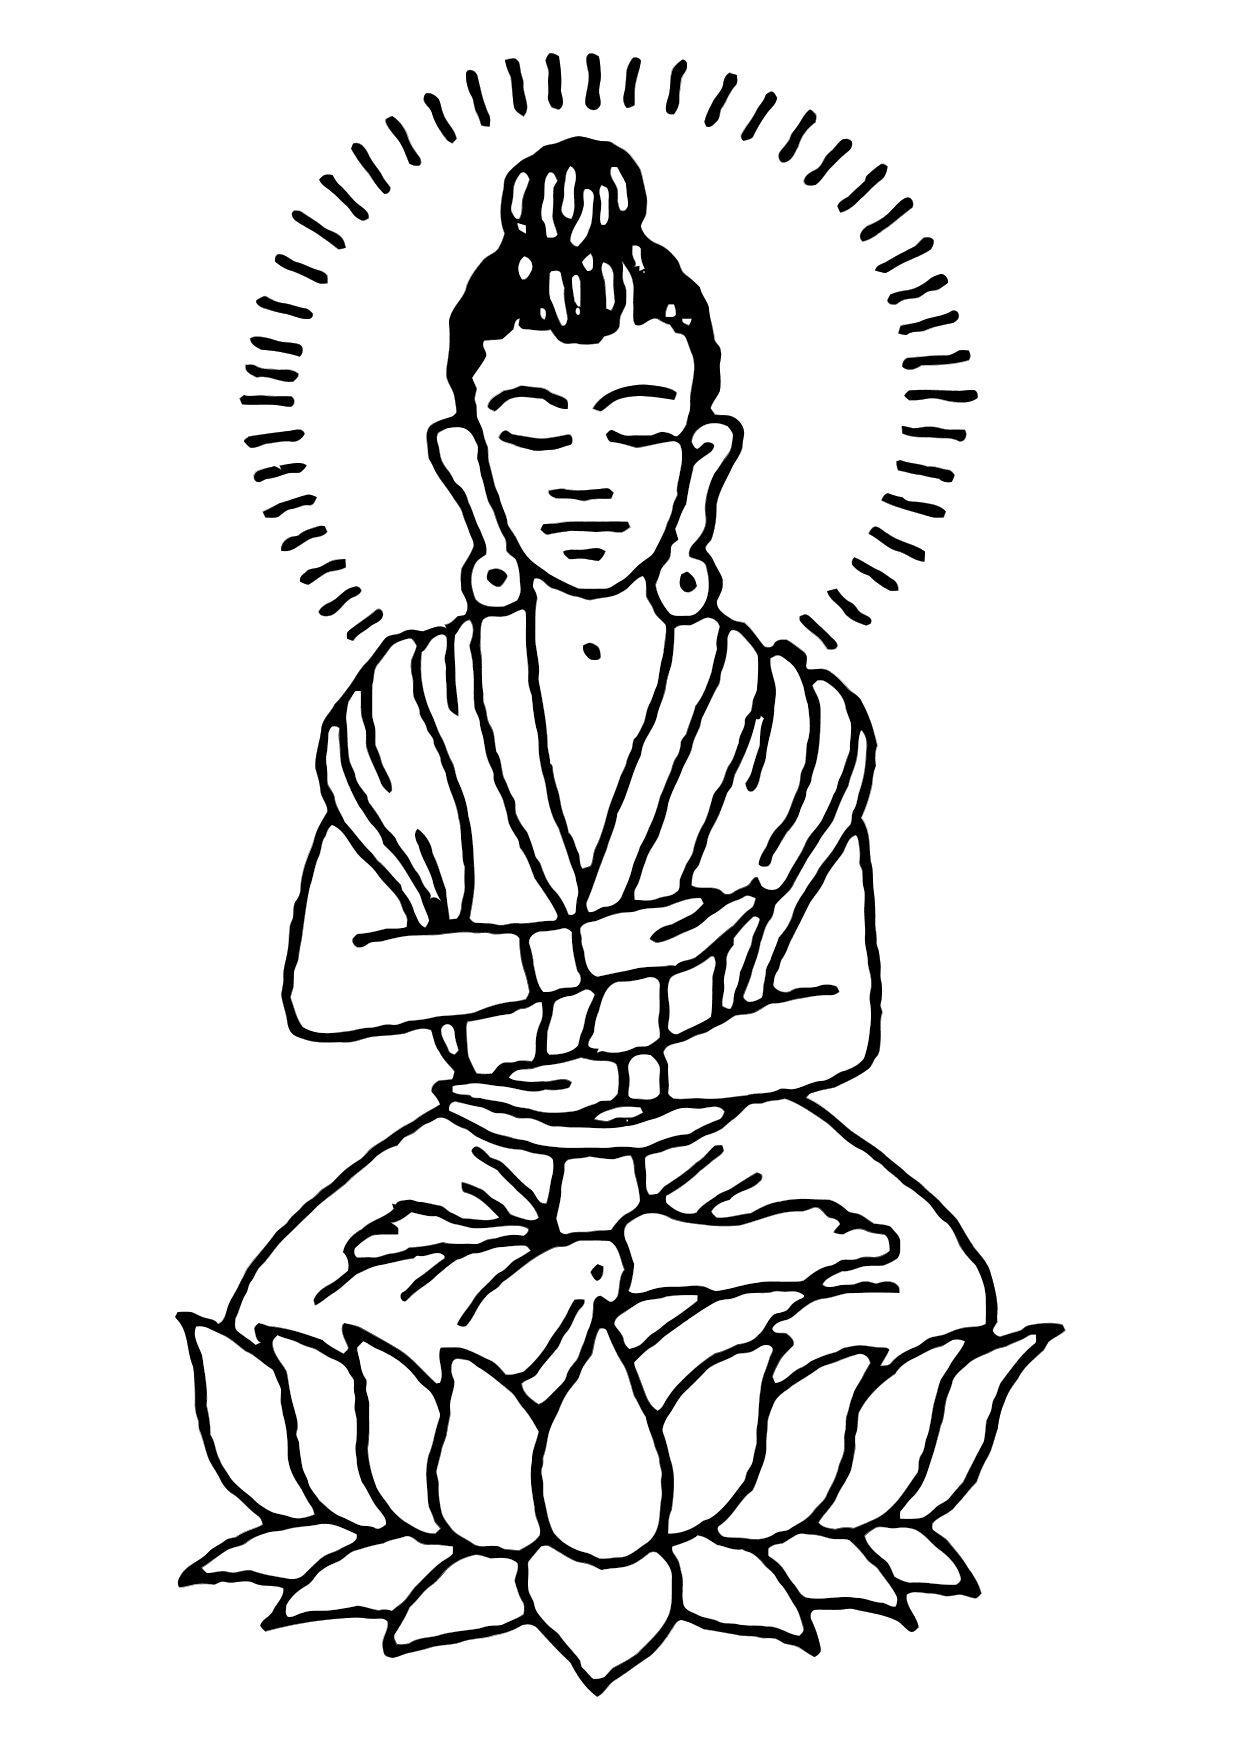 Dibujo para colorear Buda - Img 11444